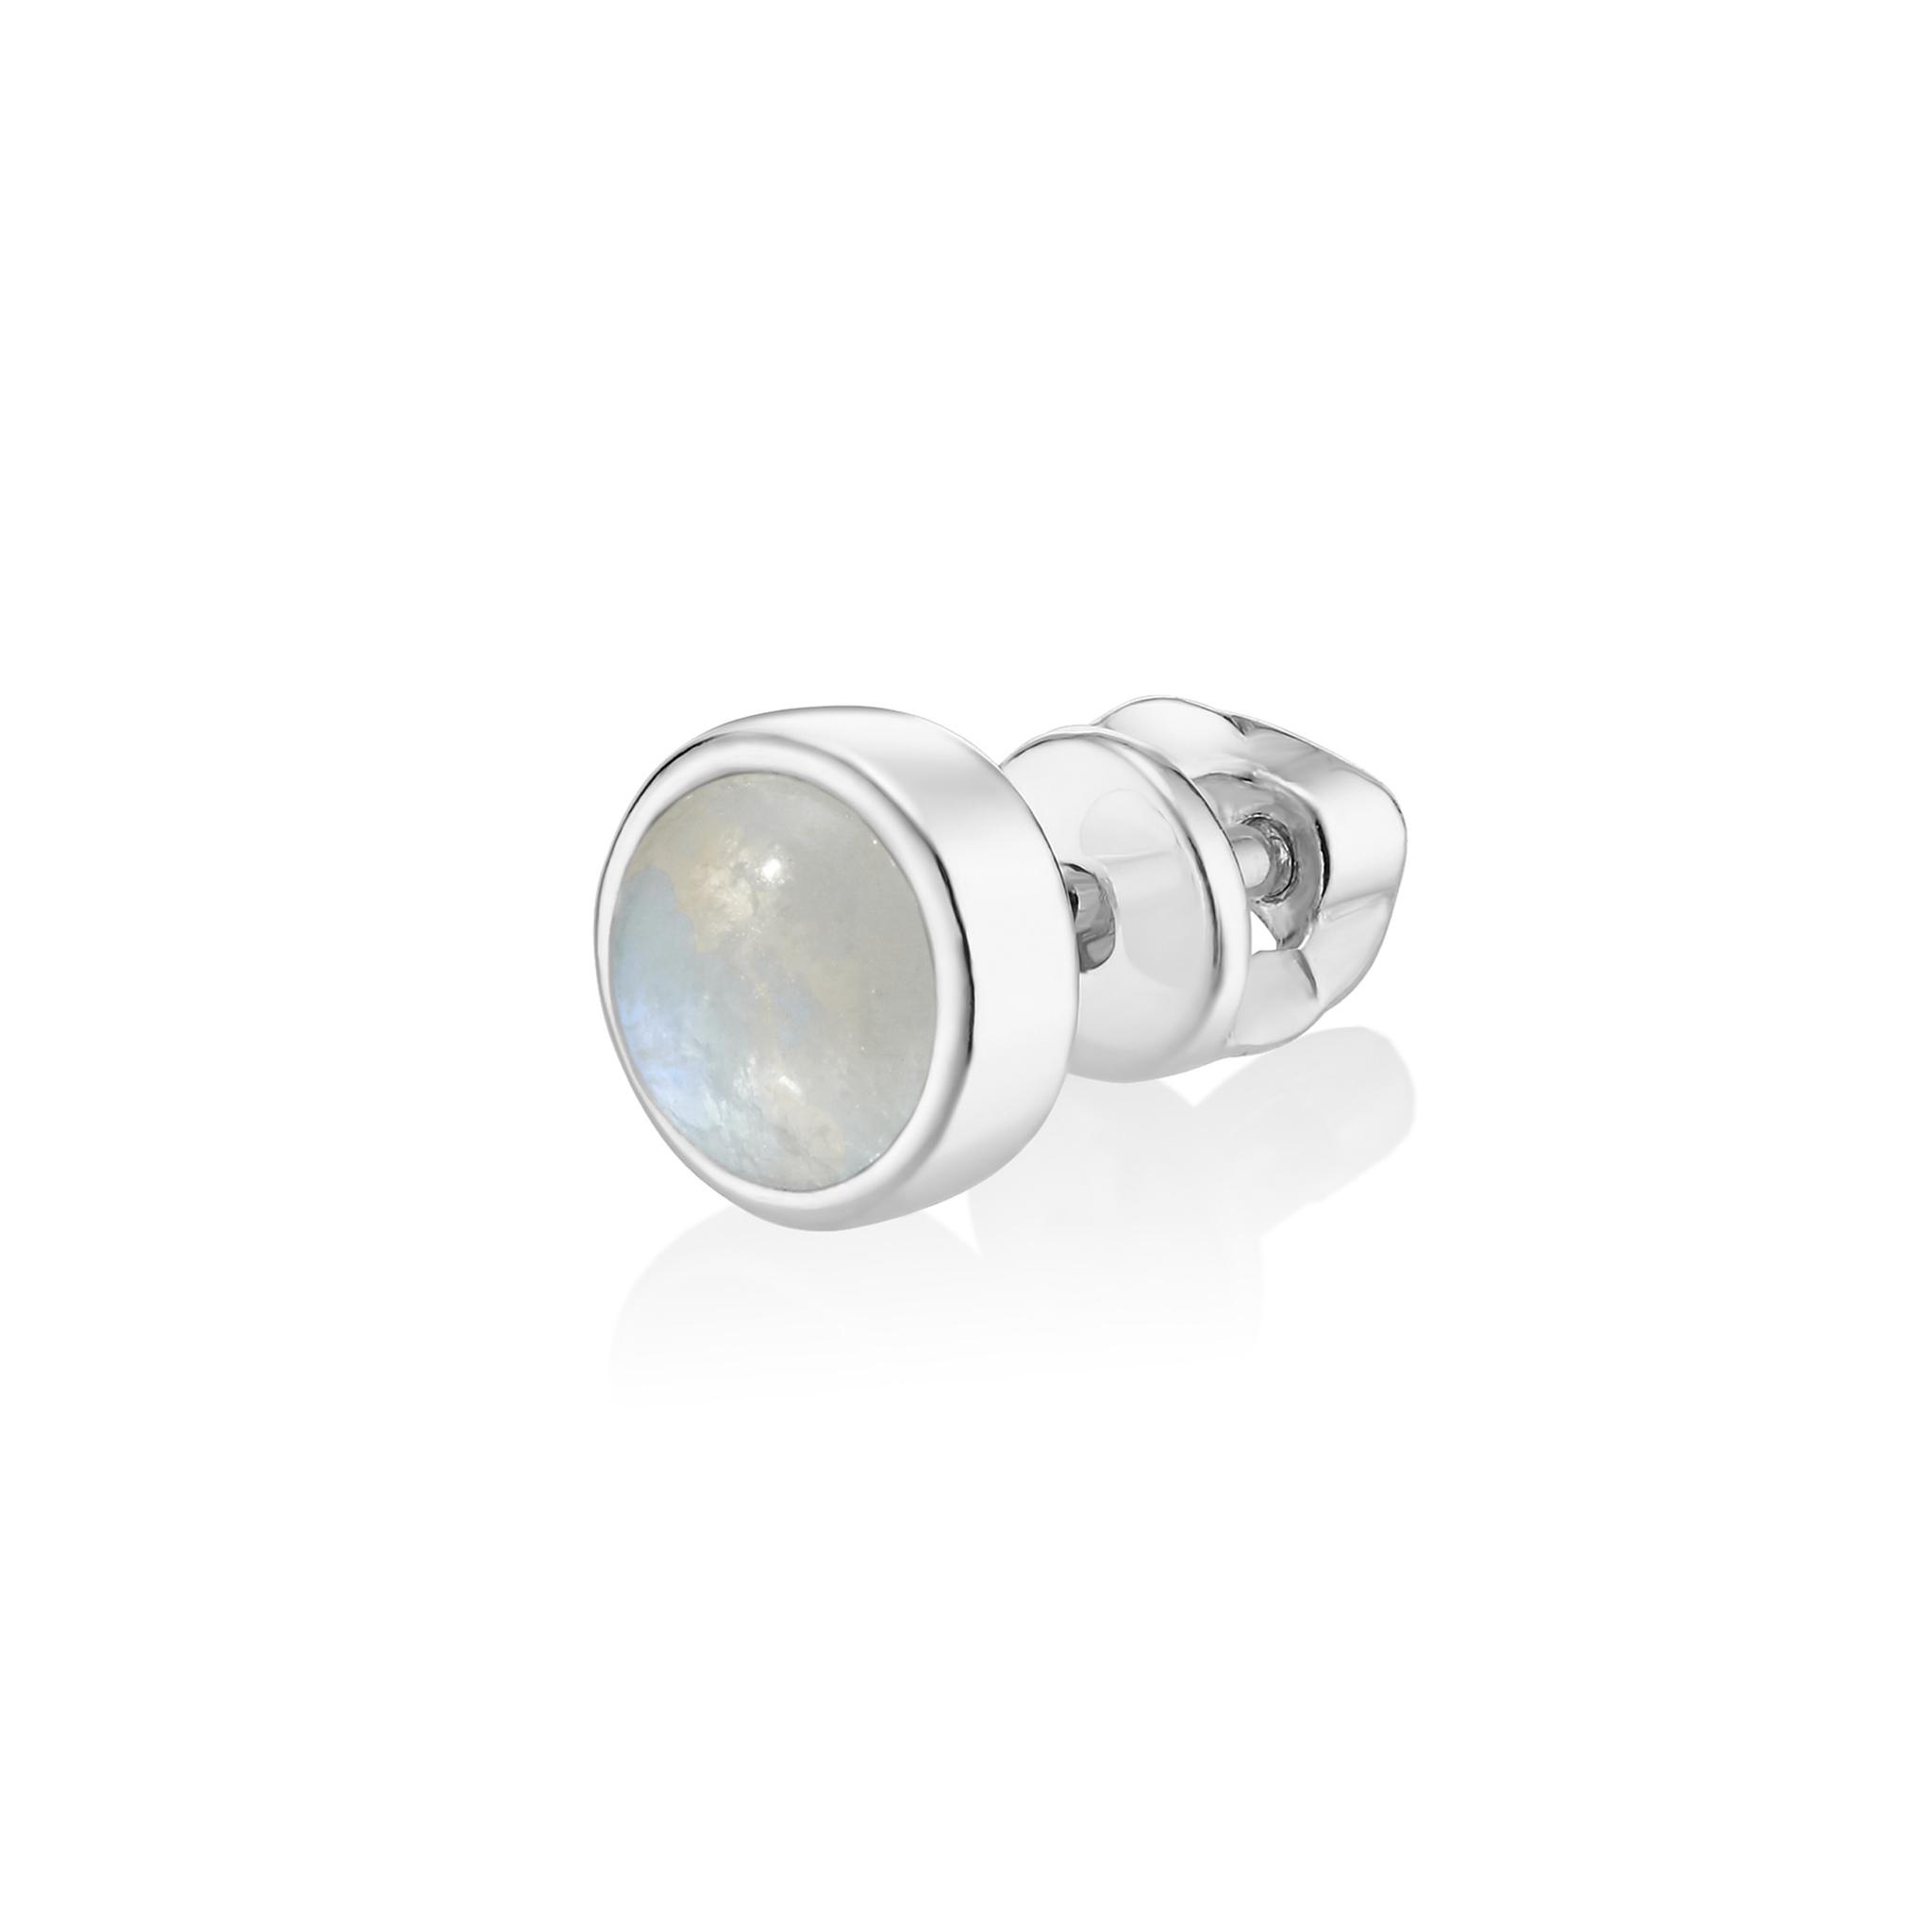 Моносерьга ALPHA - Лунный камень (закрутка)